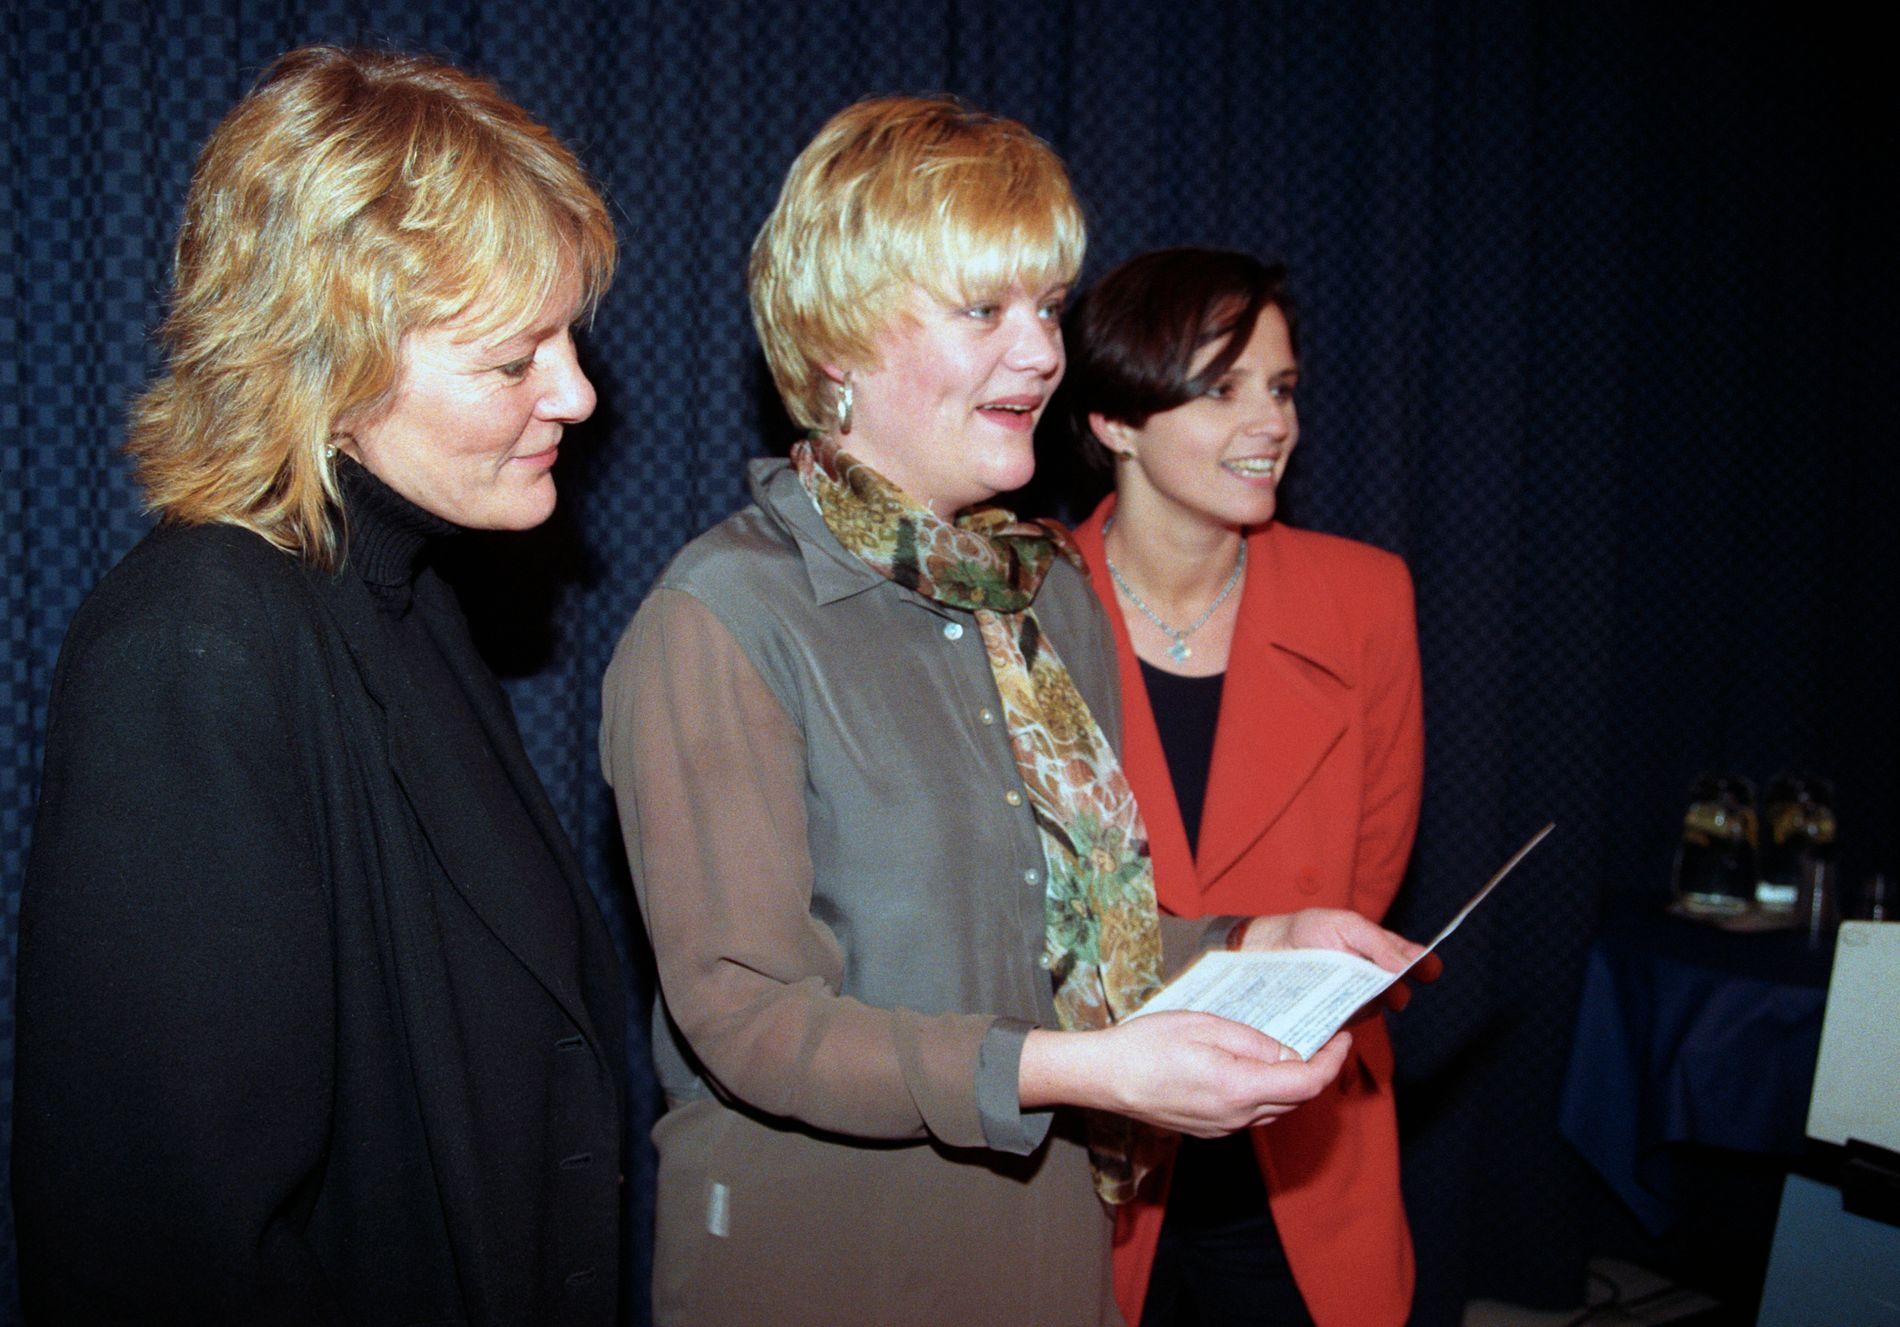 DE TRE K-ENE:  Kristin Clemet, Kristin Halvorsen og Kristin Aase ga ut en debattbok om abort og sorteringssamfunnet i 1996.  Det ga ny giv til abortkampen.